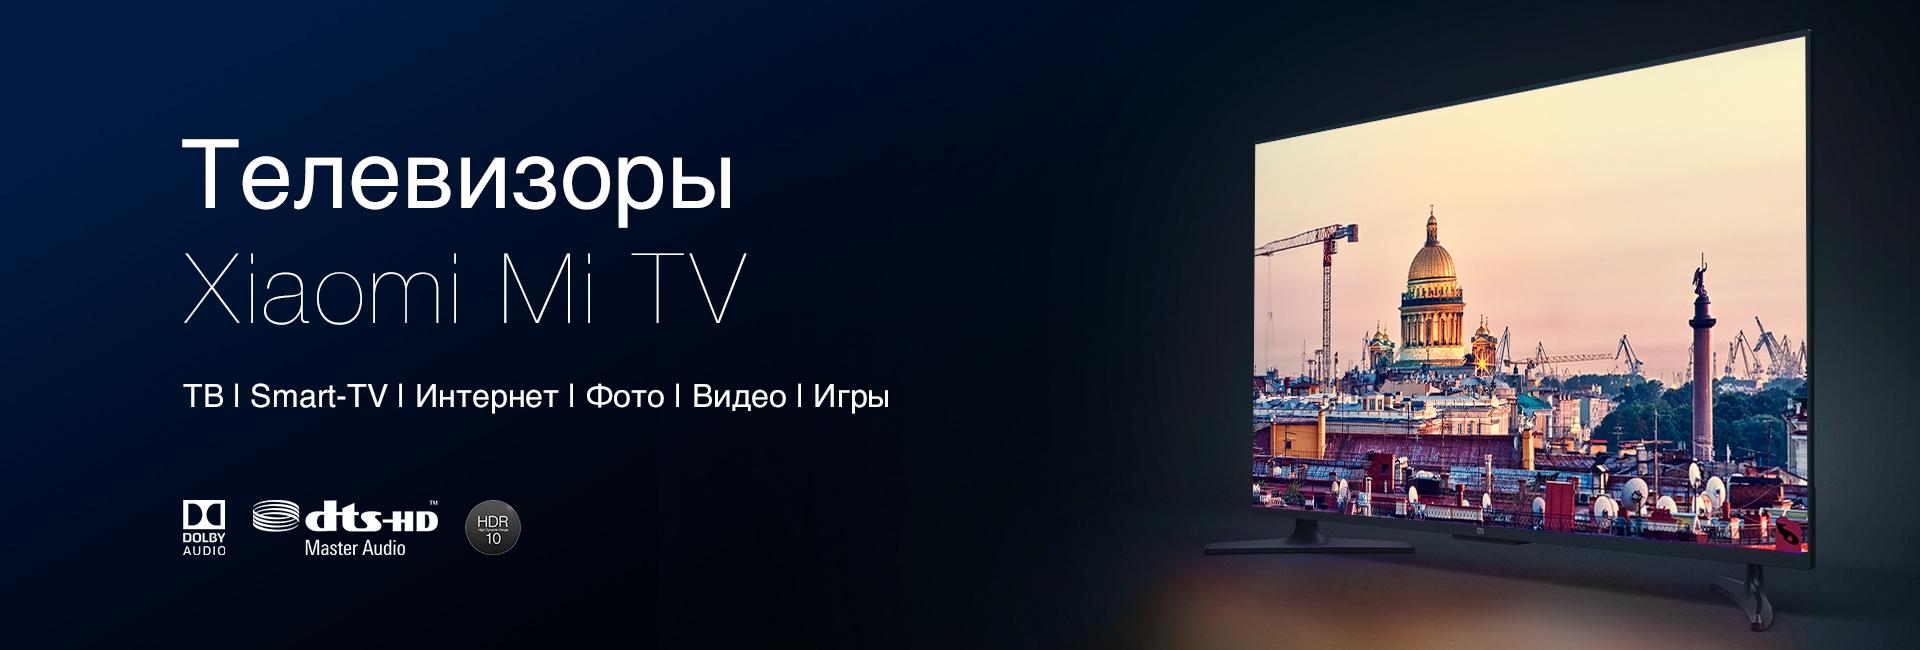 Телевизоры Xiaomi Mi TV в СПб